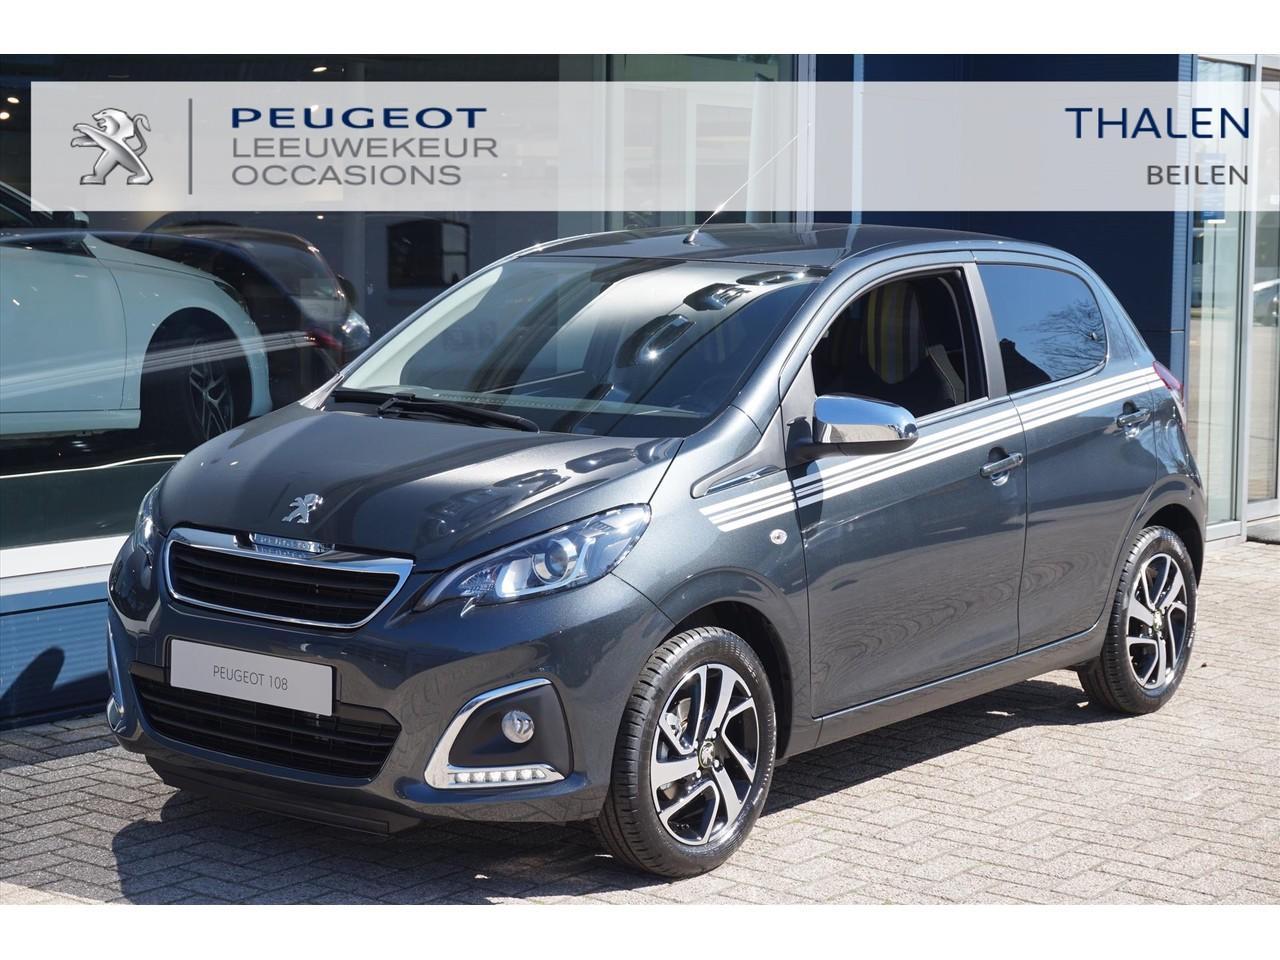 Peugeot 108 72pk 5d collection nieuwe auto